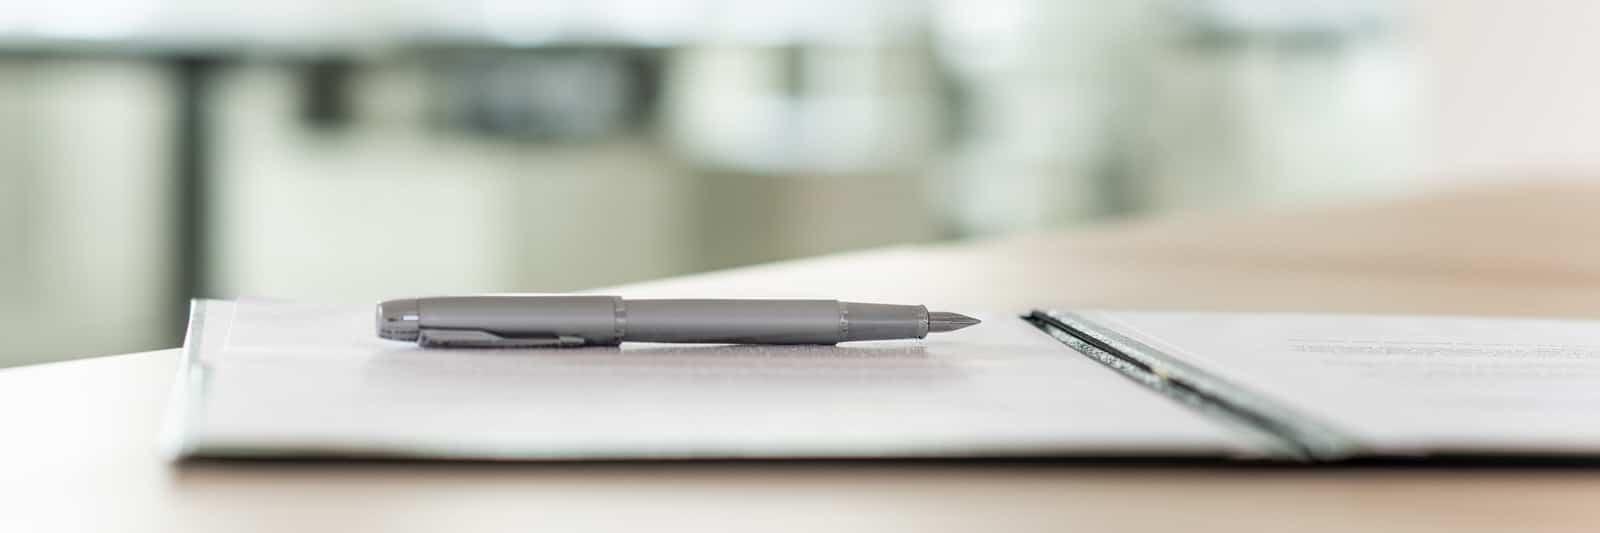 Auf einem Schreibtische liegt ein Dokument und ein Stift